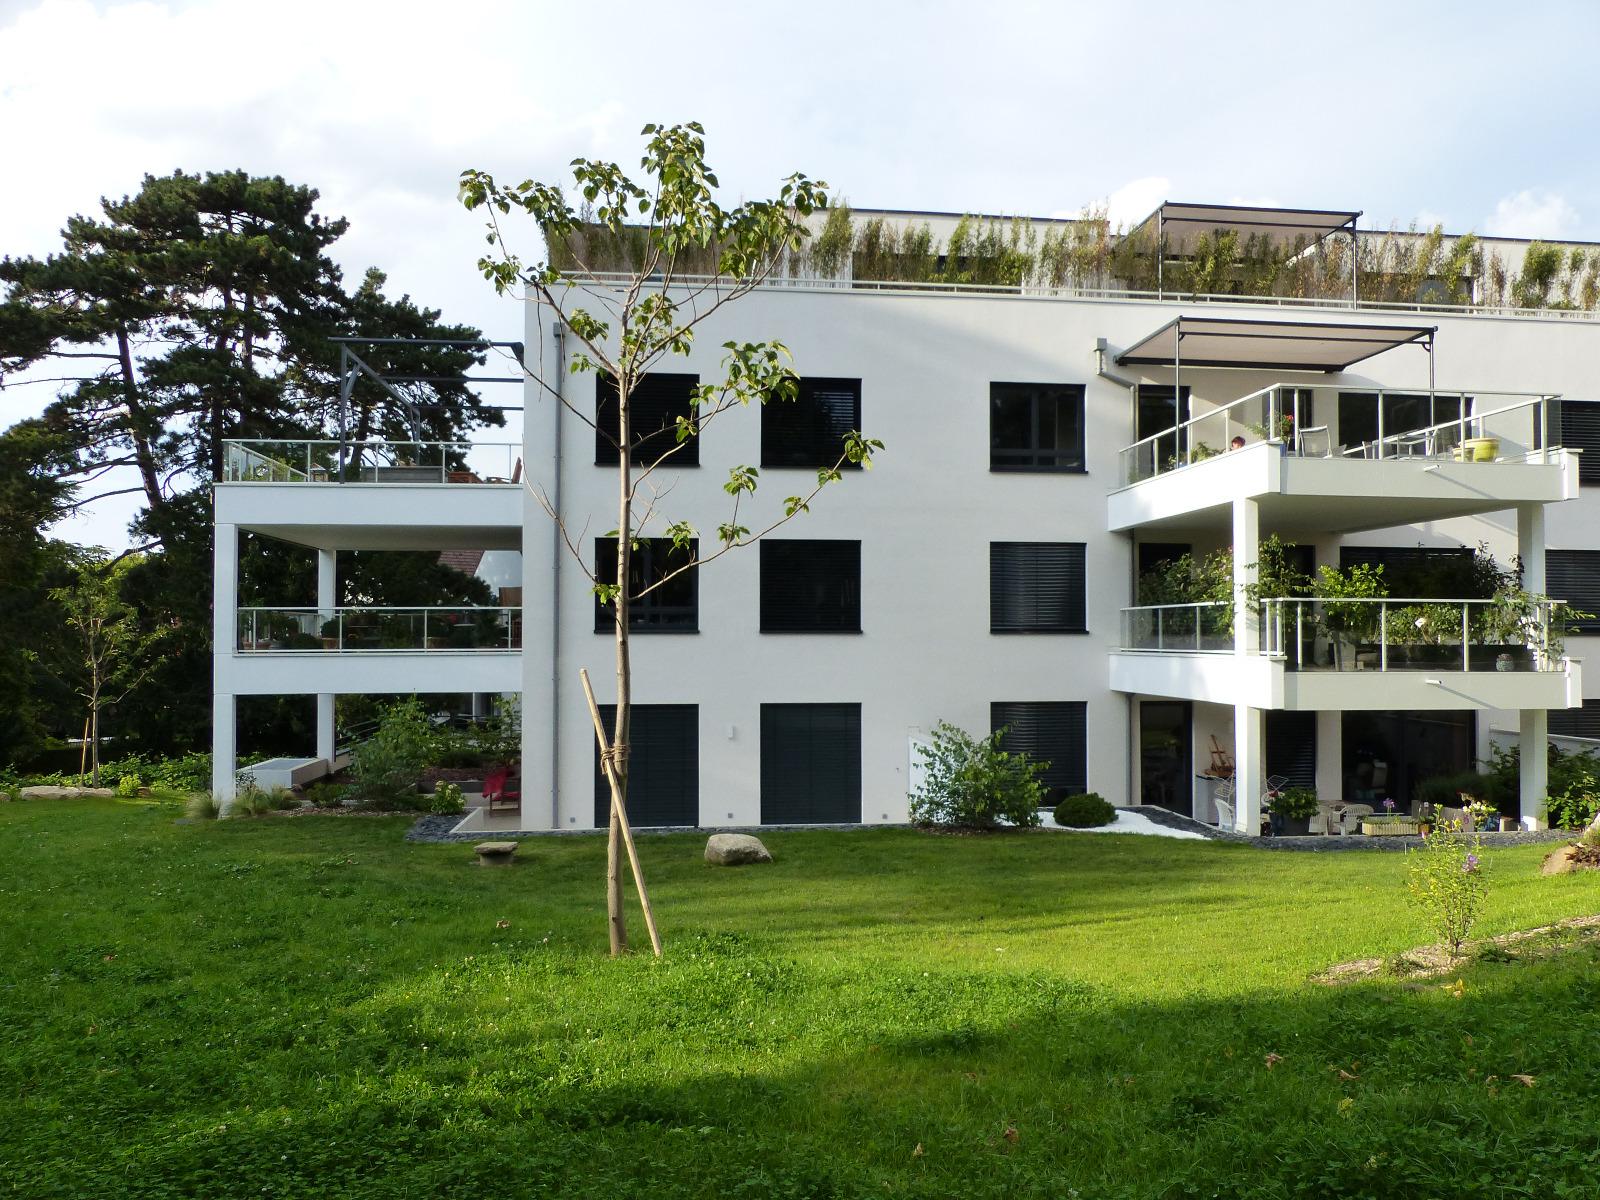 rebberg mulhouse appartement. Black Bedroom Furniture Sets. Home Design Ideas